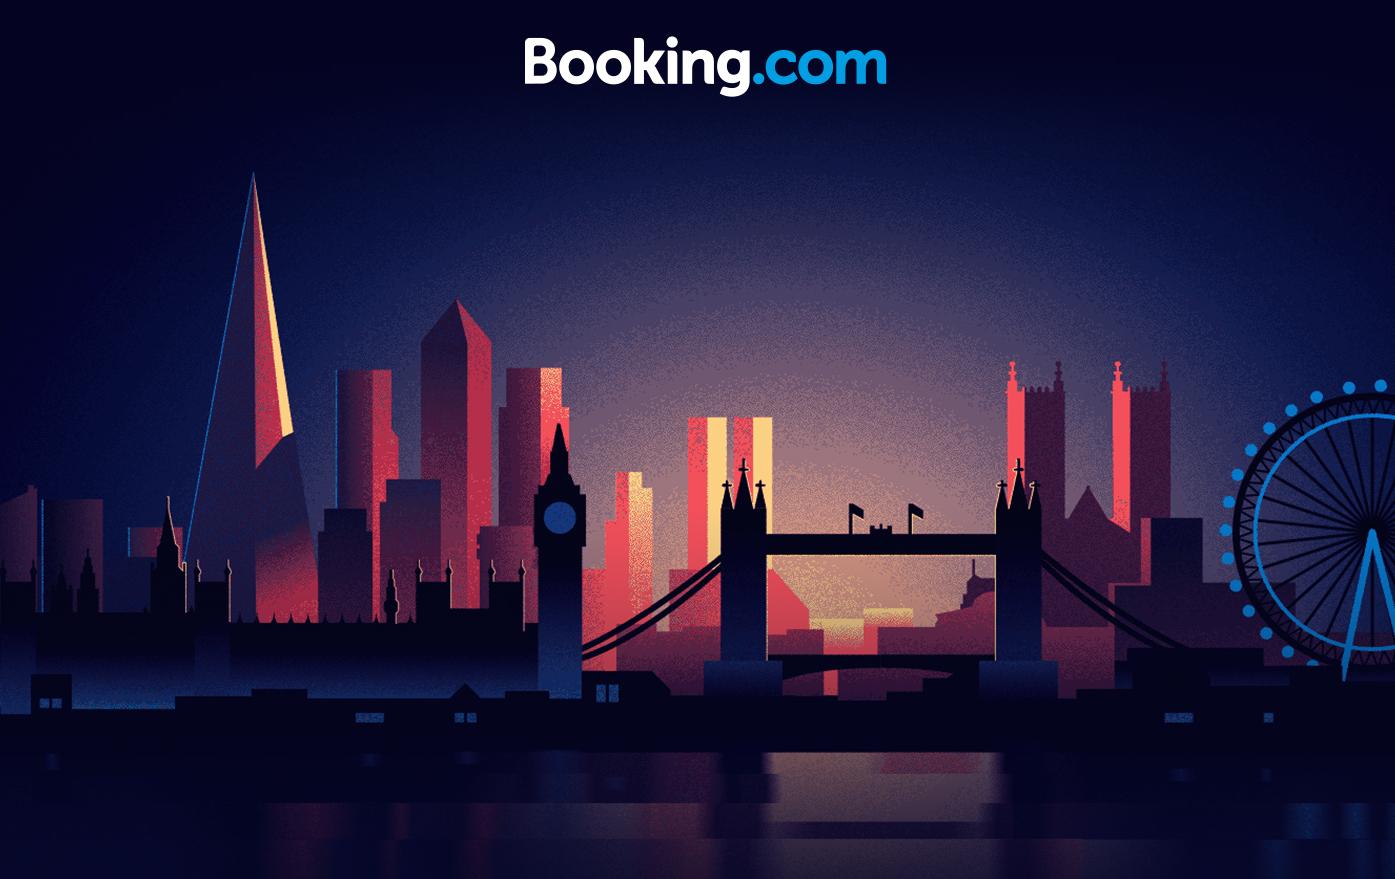 Booking.com повертає 75 євро за кожне бронювання понад 225 євро